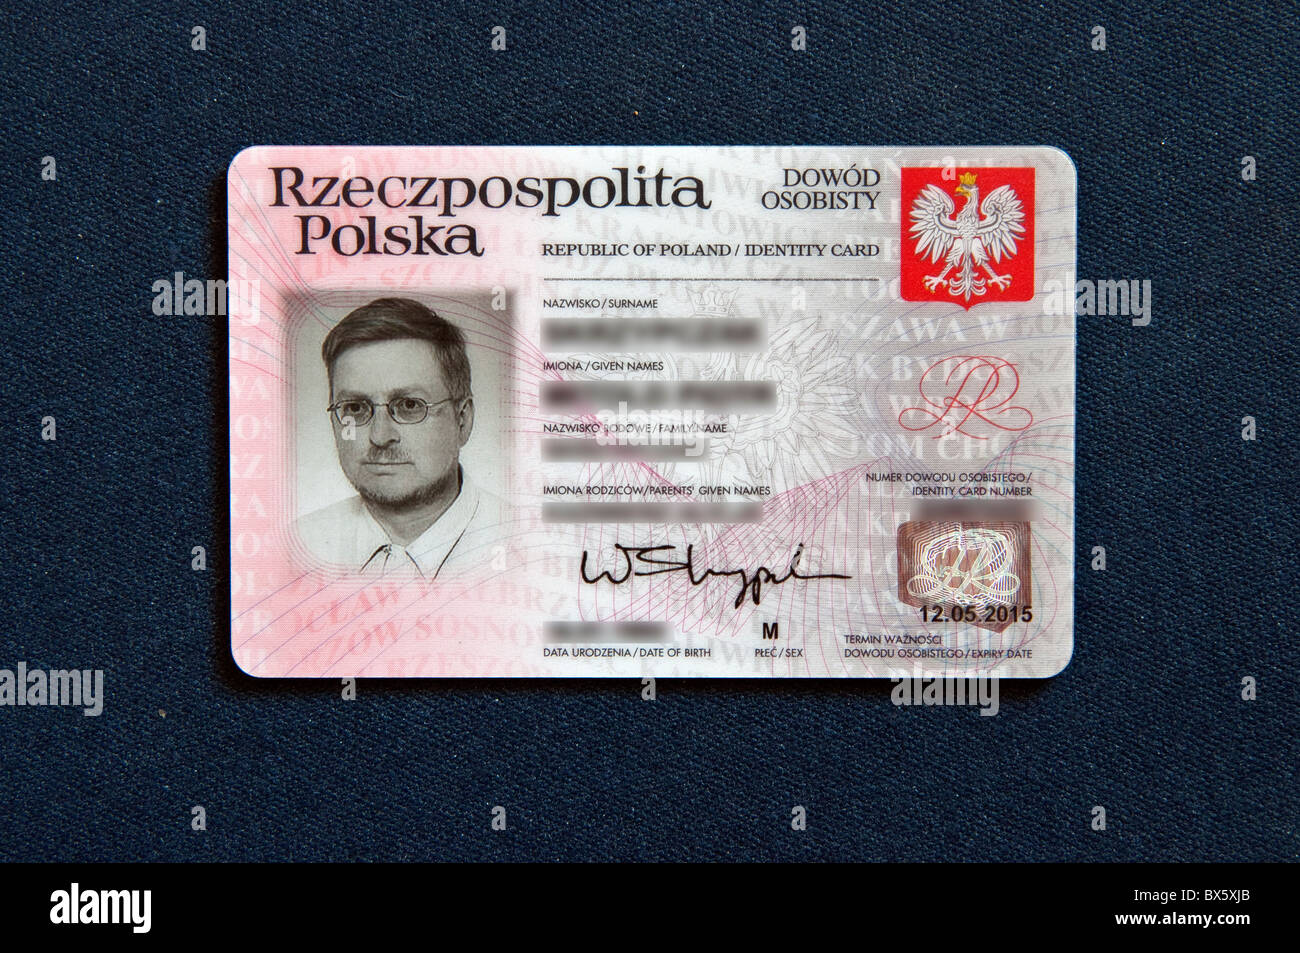 Carte D Identite Europeenne.Carte D Identite Polonaise Valide Pour Voyager Dans Les